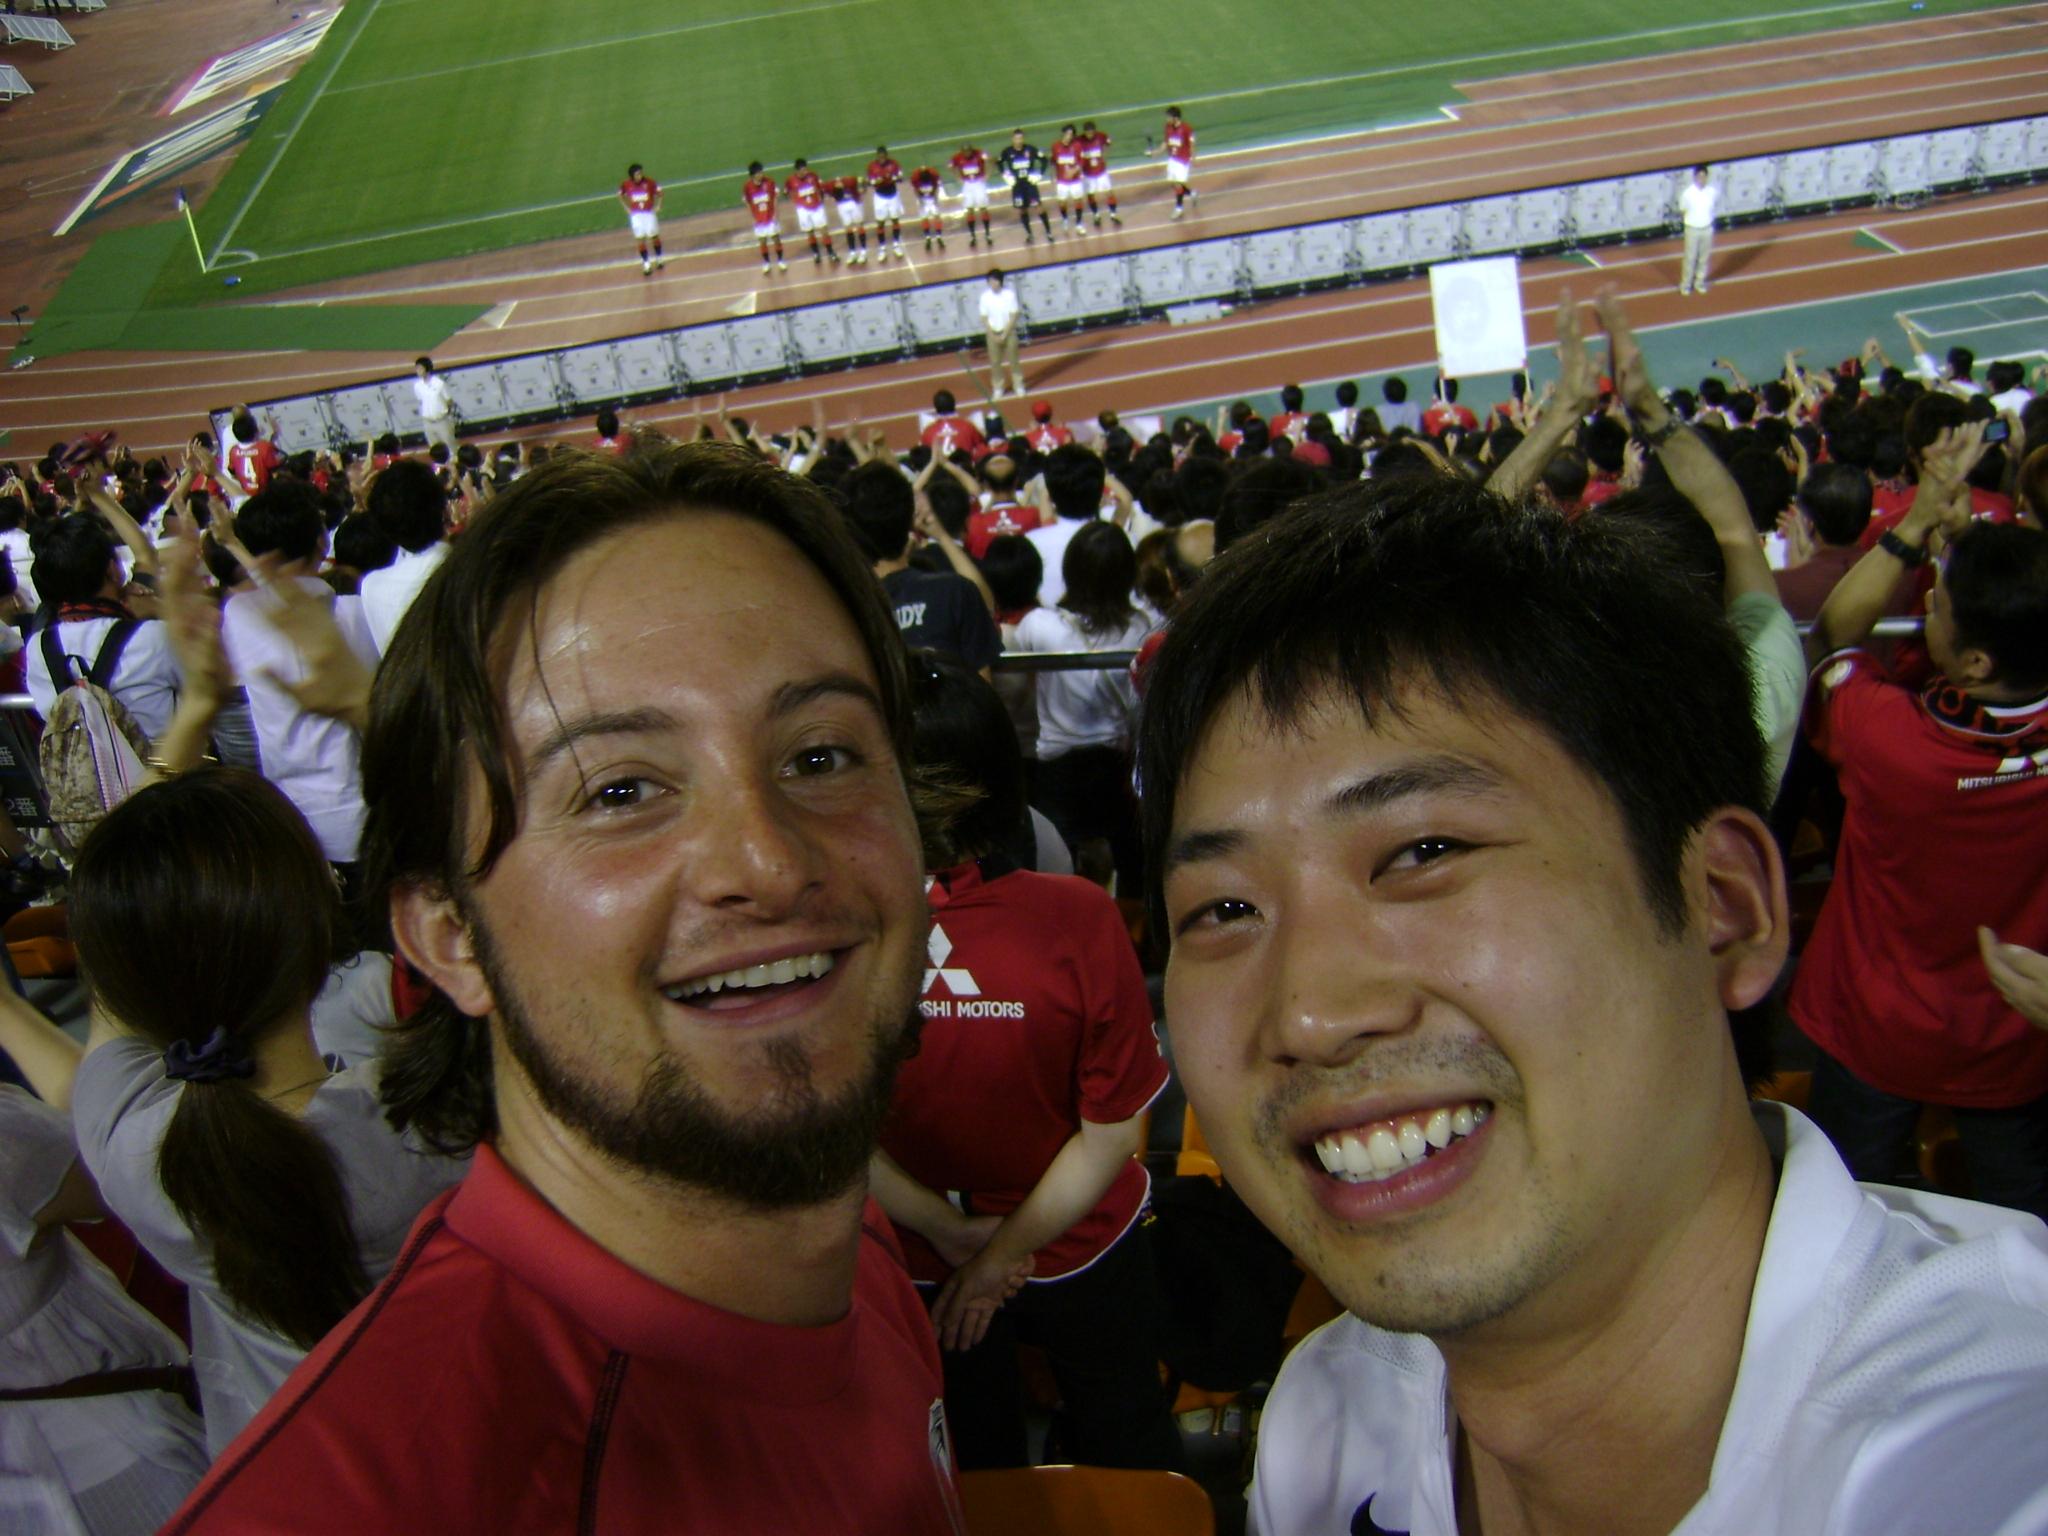 Com meu amigo André em um jogo de futebol em Tóquio